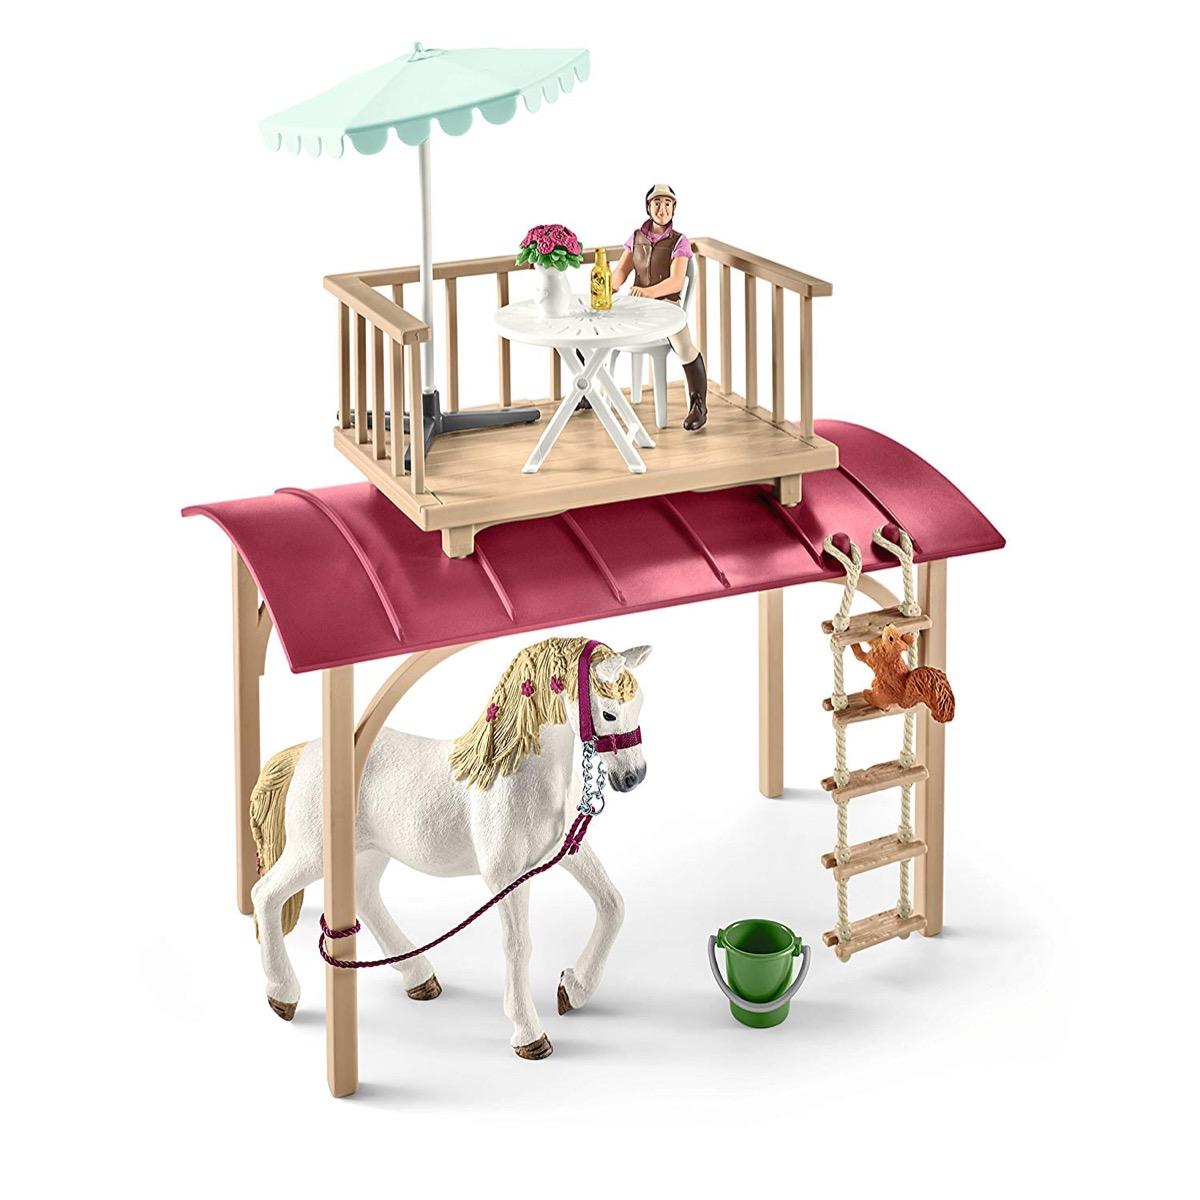 schleich 42415 horse club wohnwagen f r geheime club. Black Bedroom Furniture Sets. Home Design Ideas